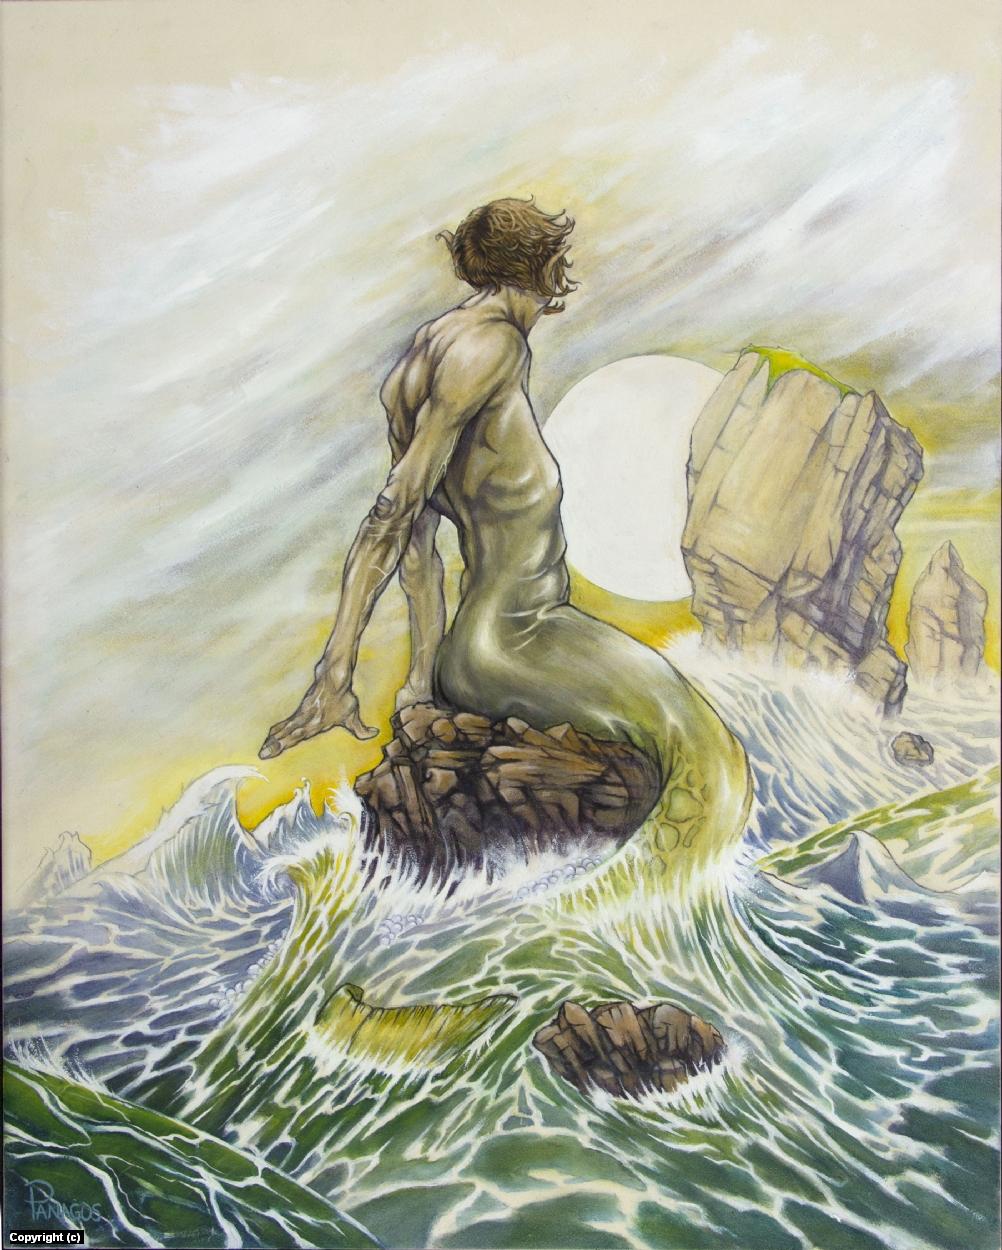 mermaids merman art on Instagram